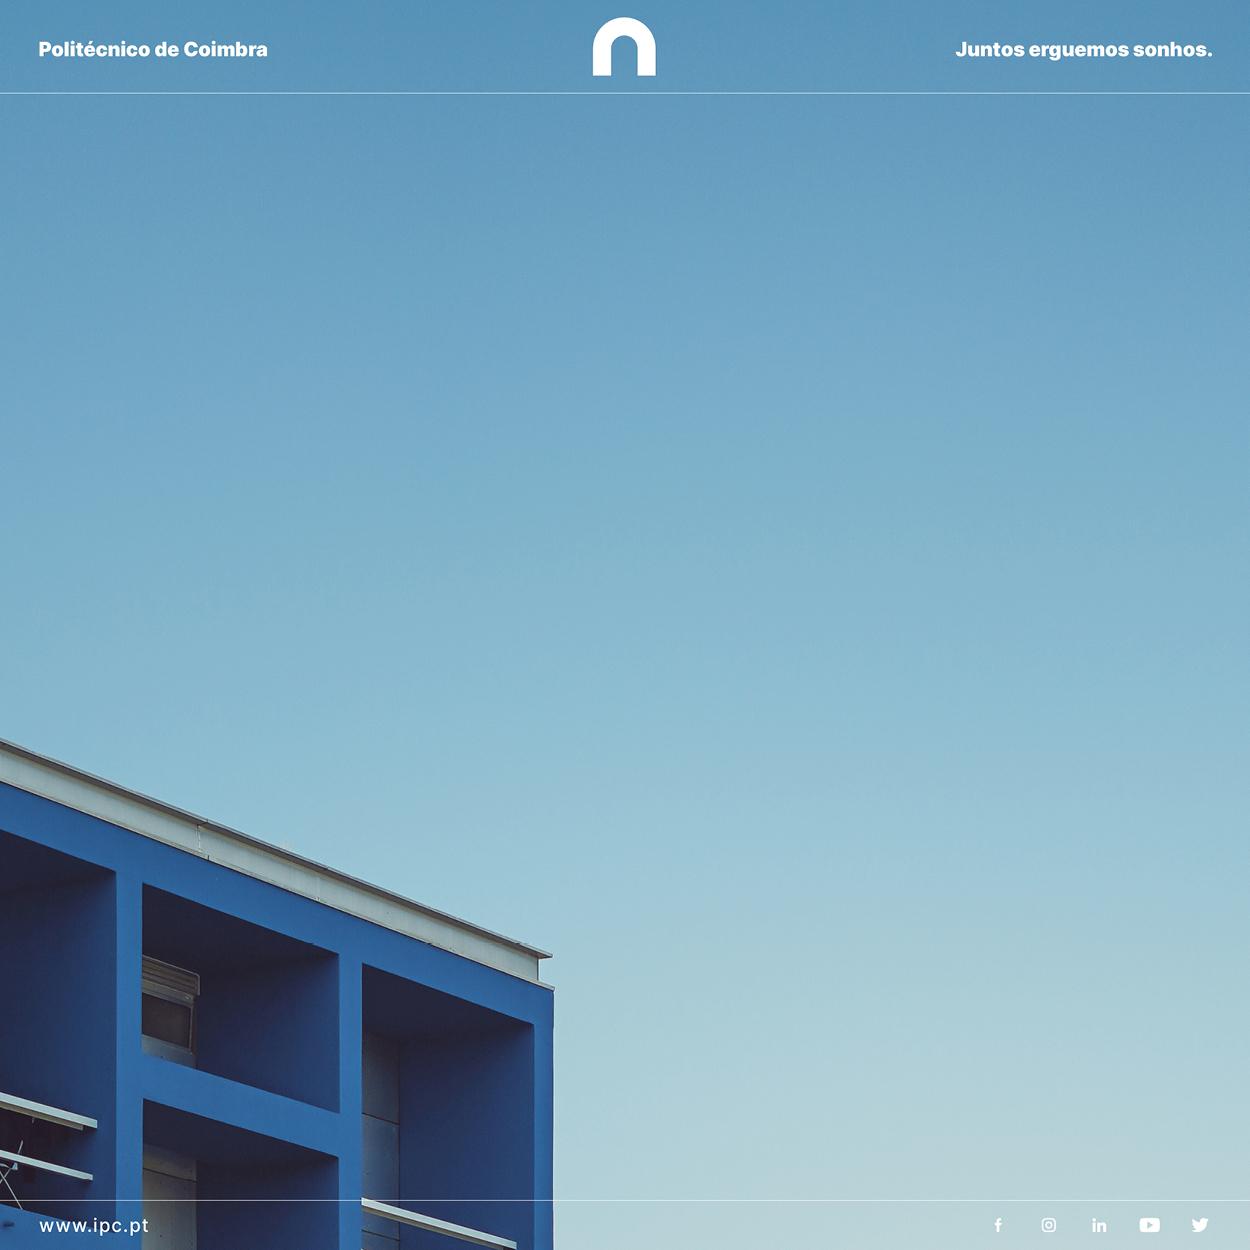 Outland Creative Studio Politecnico de Coimbra IPC47